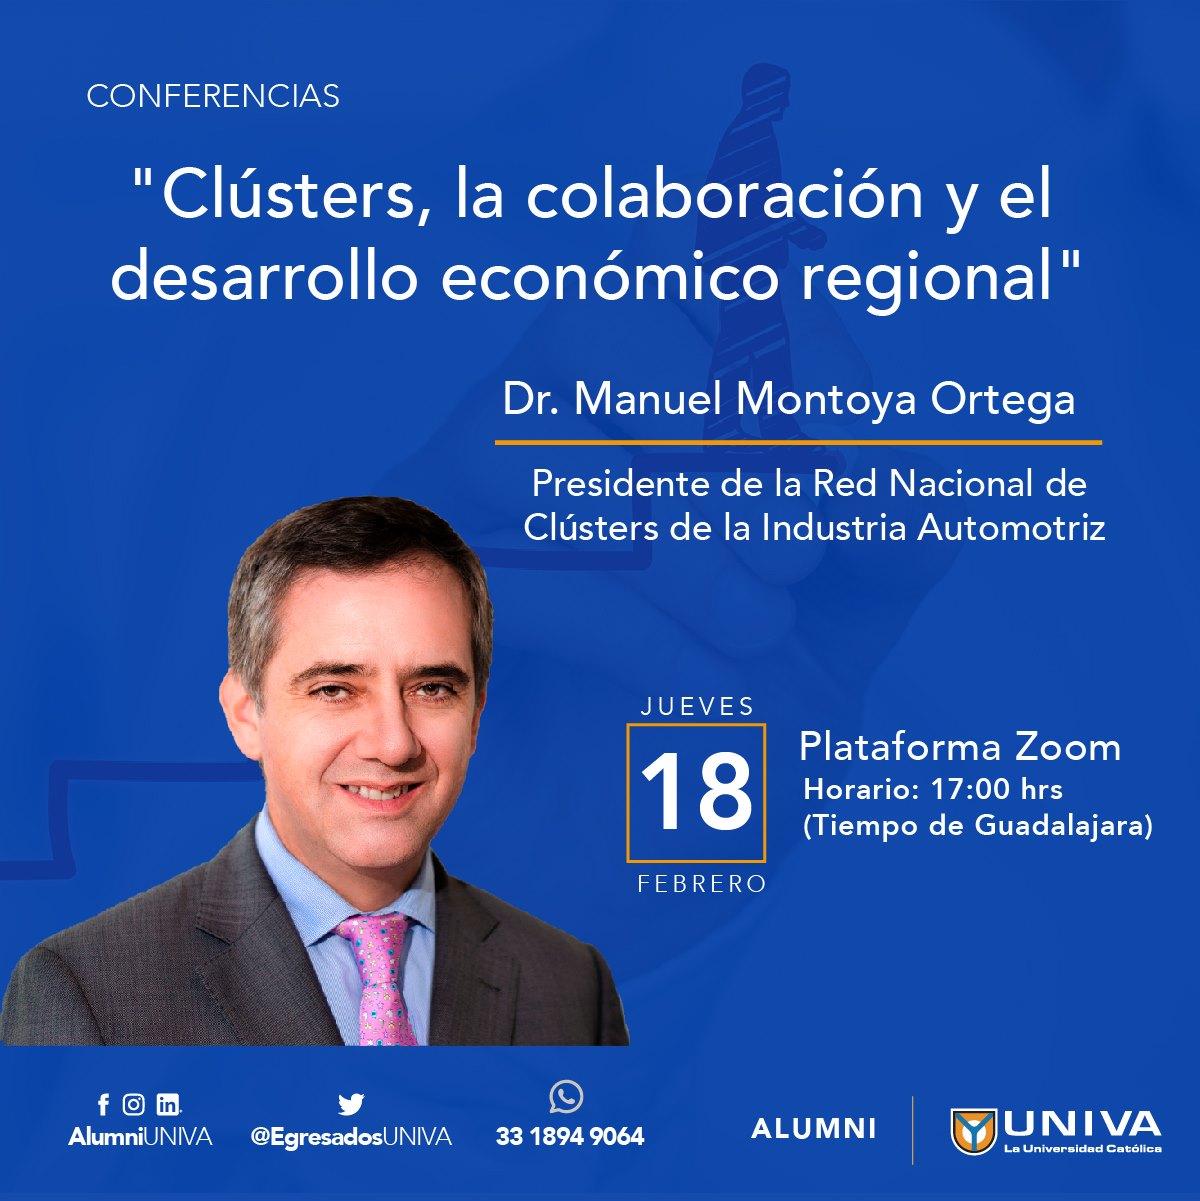 Conferencia: Clústers, la colaboración y el desarrollo económico regional